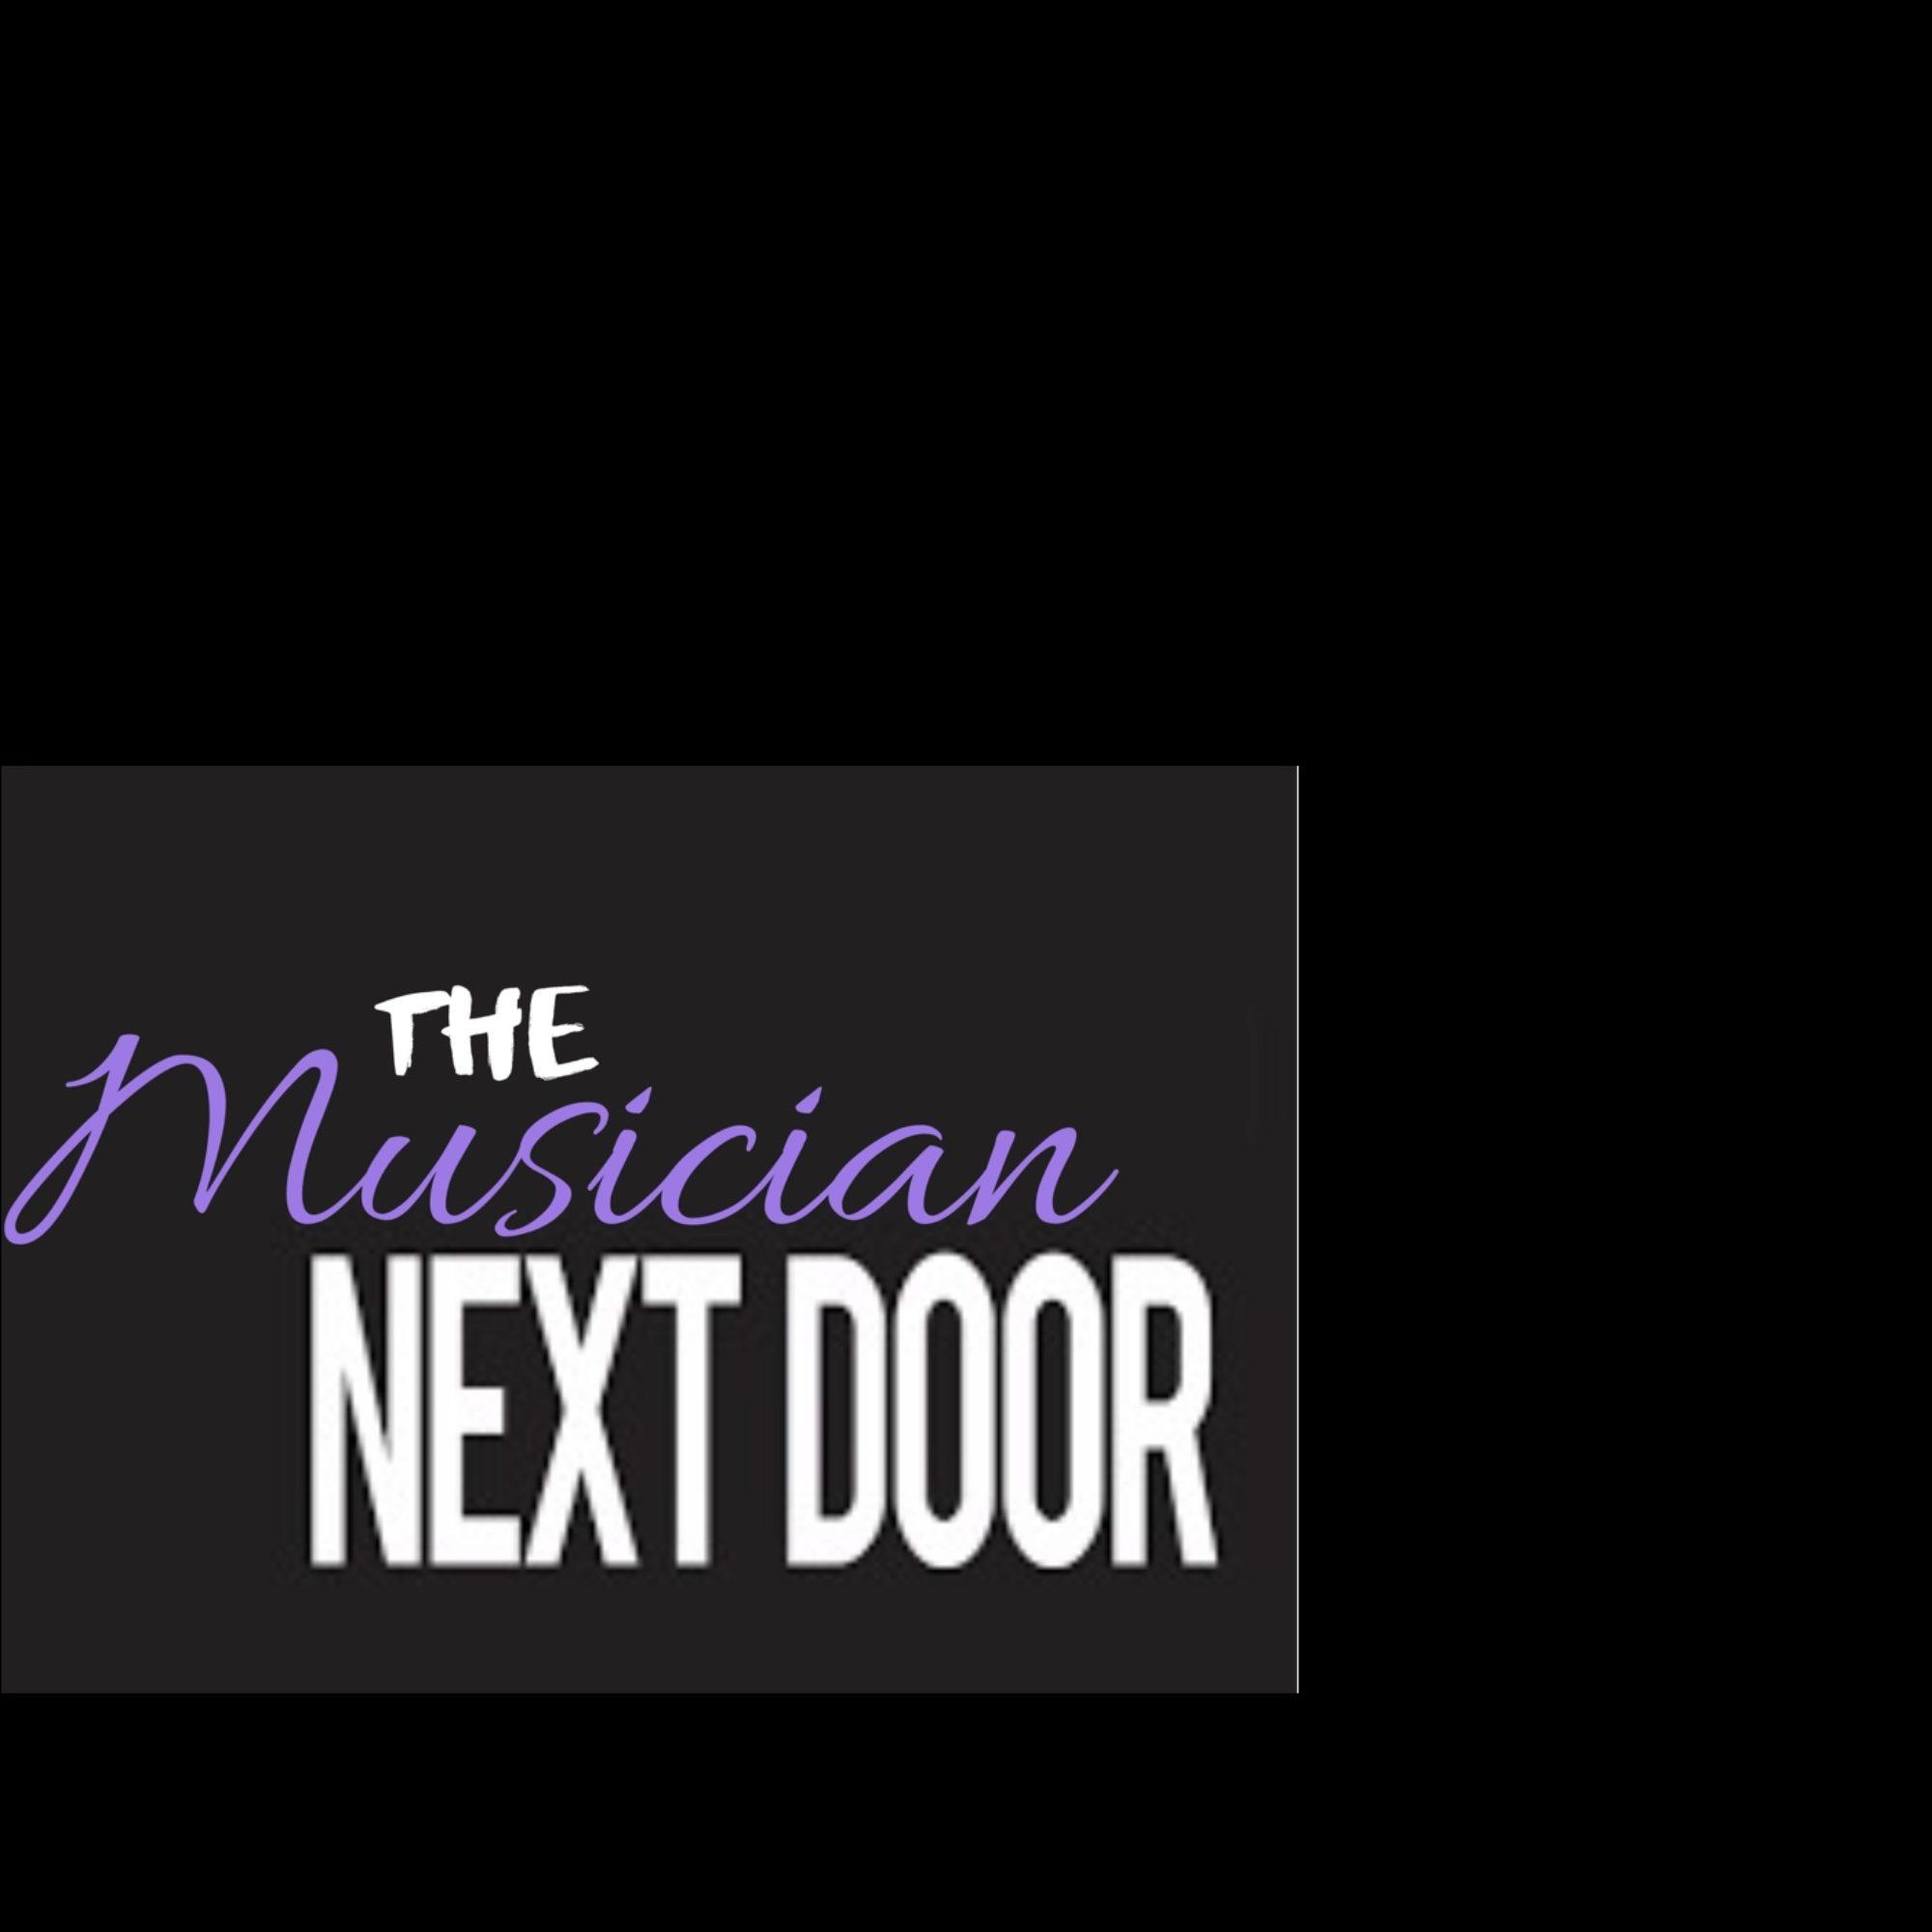 The Musician Next Door